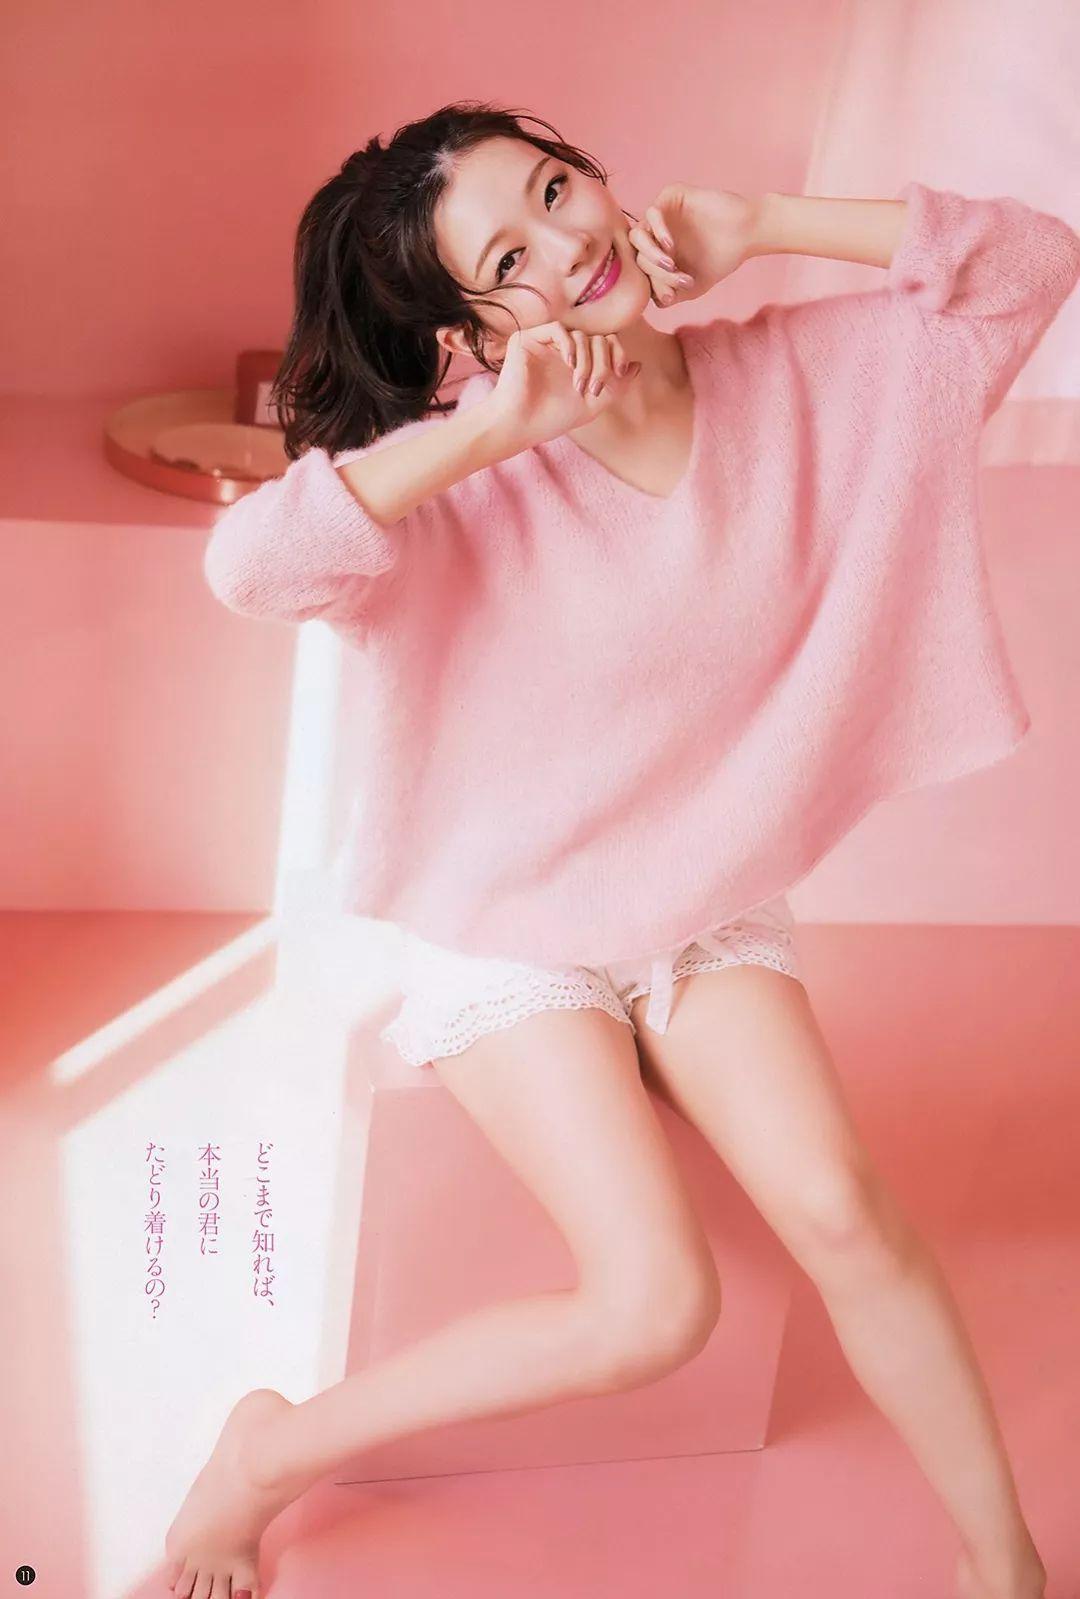 渡边美优纪「小恶魔女神、再降临。」